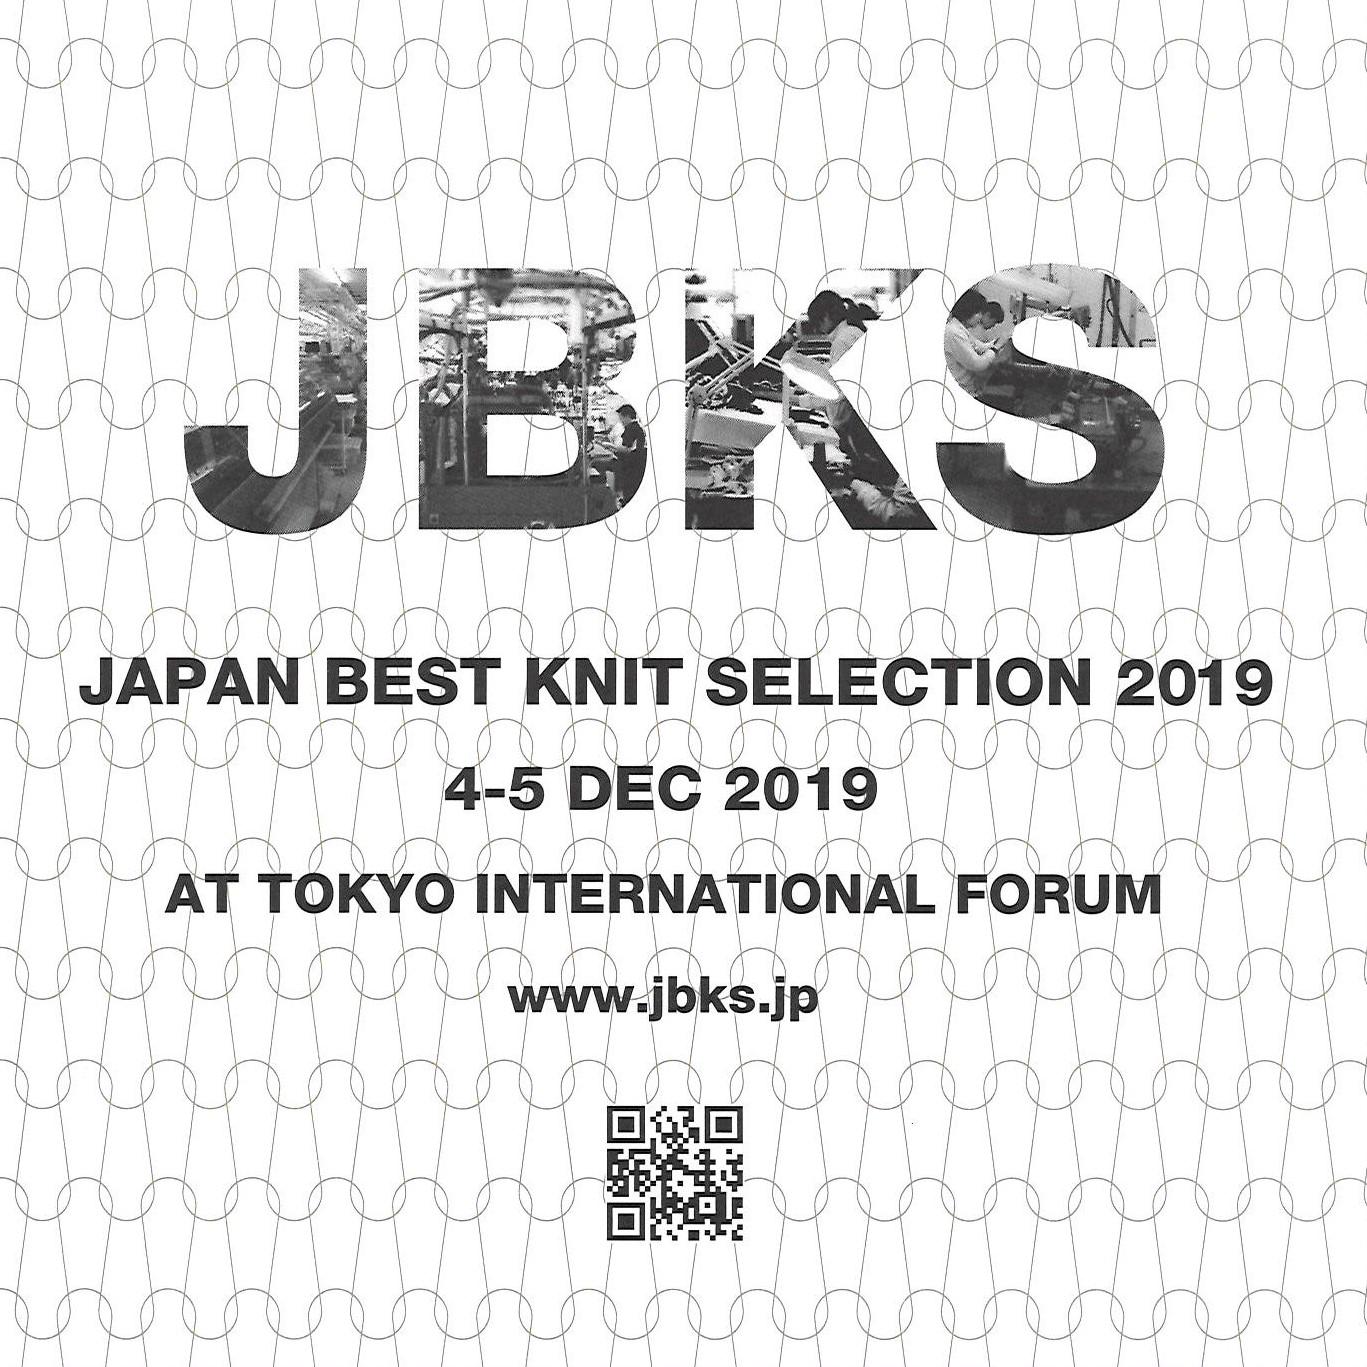 出展のお知らせ:ジャパン・ベストニット・セレクション2019の写真